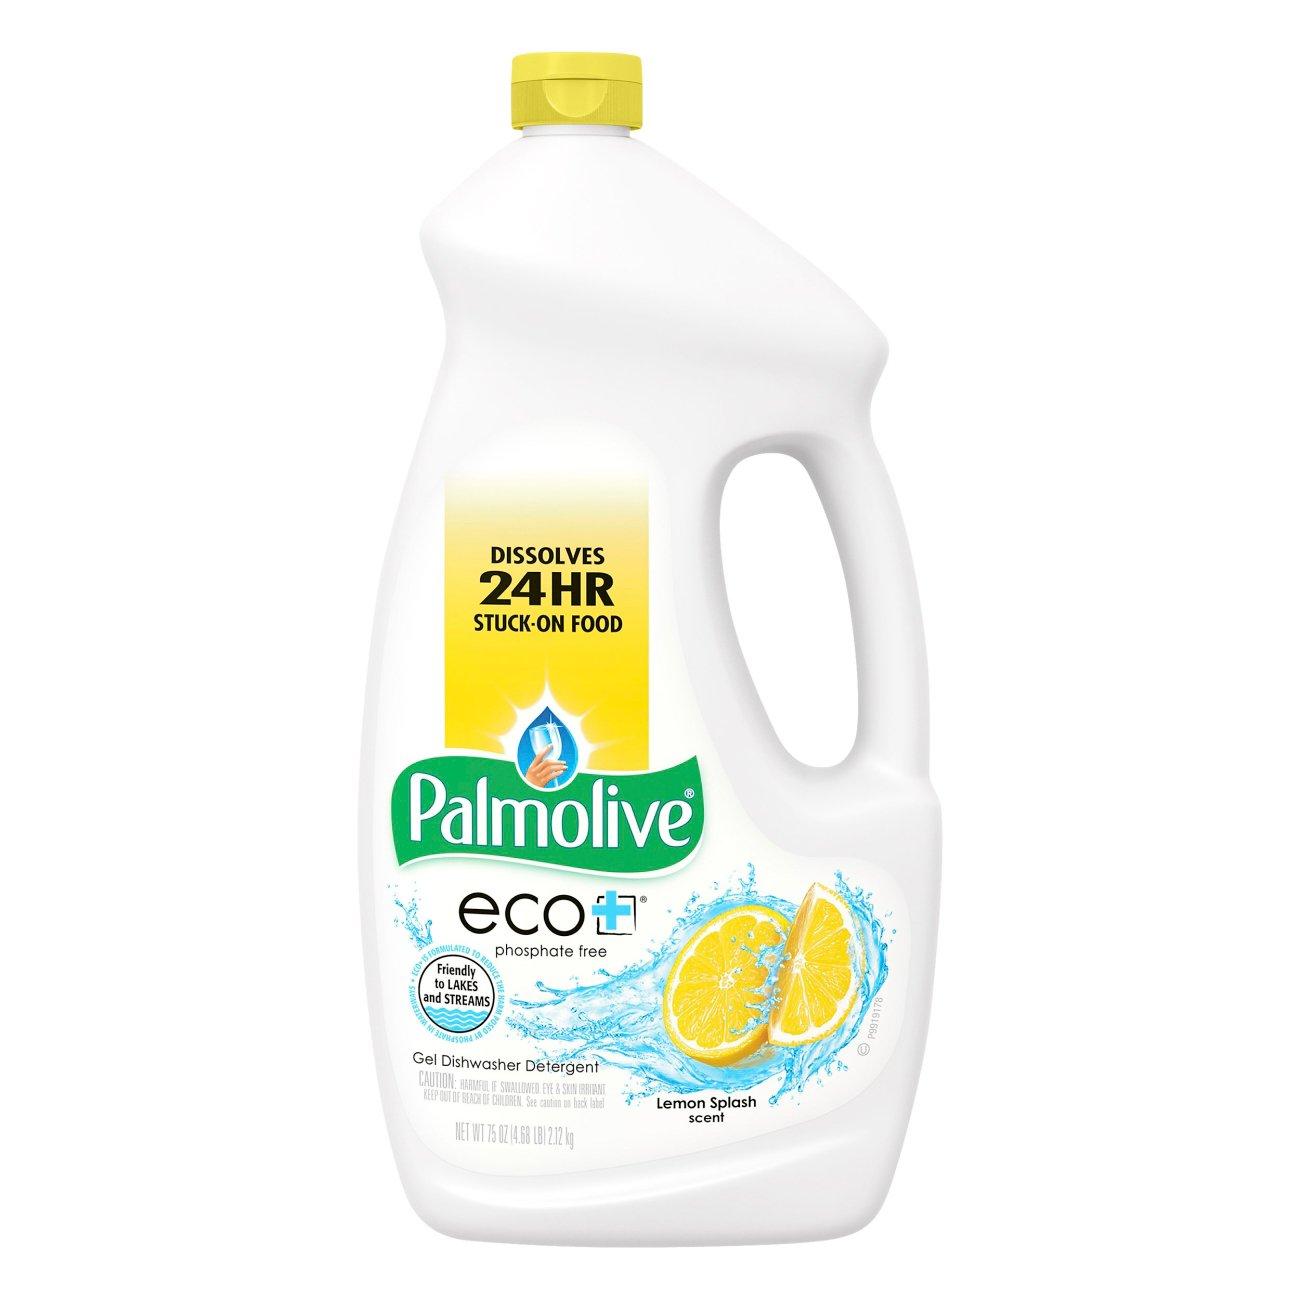 Palmolive Eco+ Lemon Splash Scent Gel Dishwasher Detergent